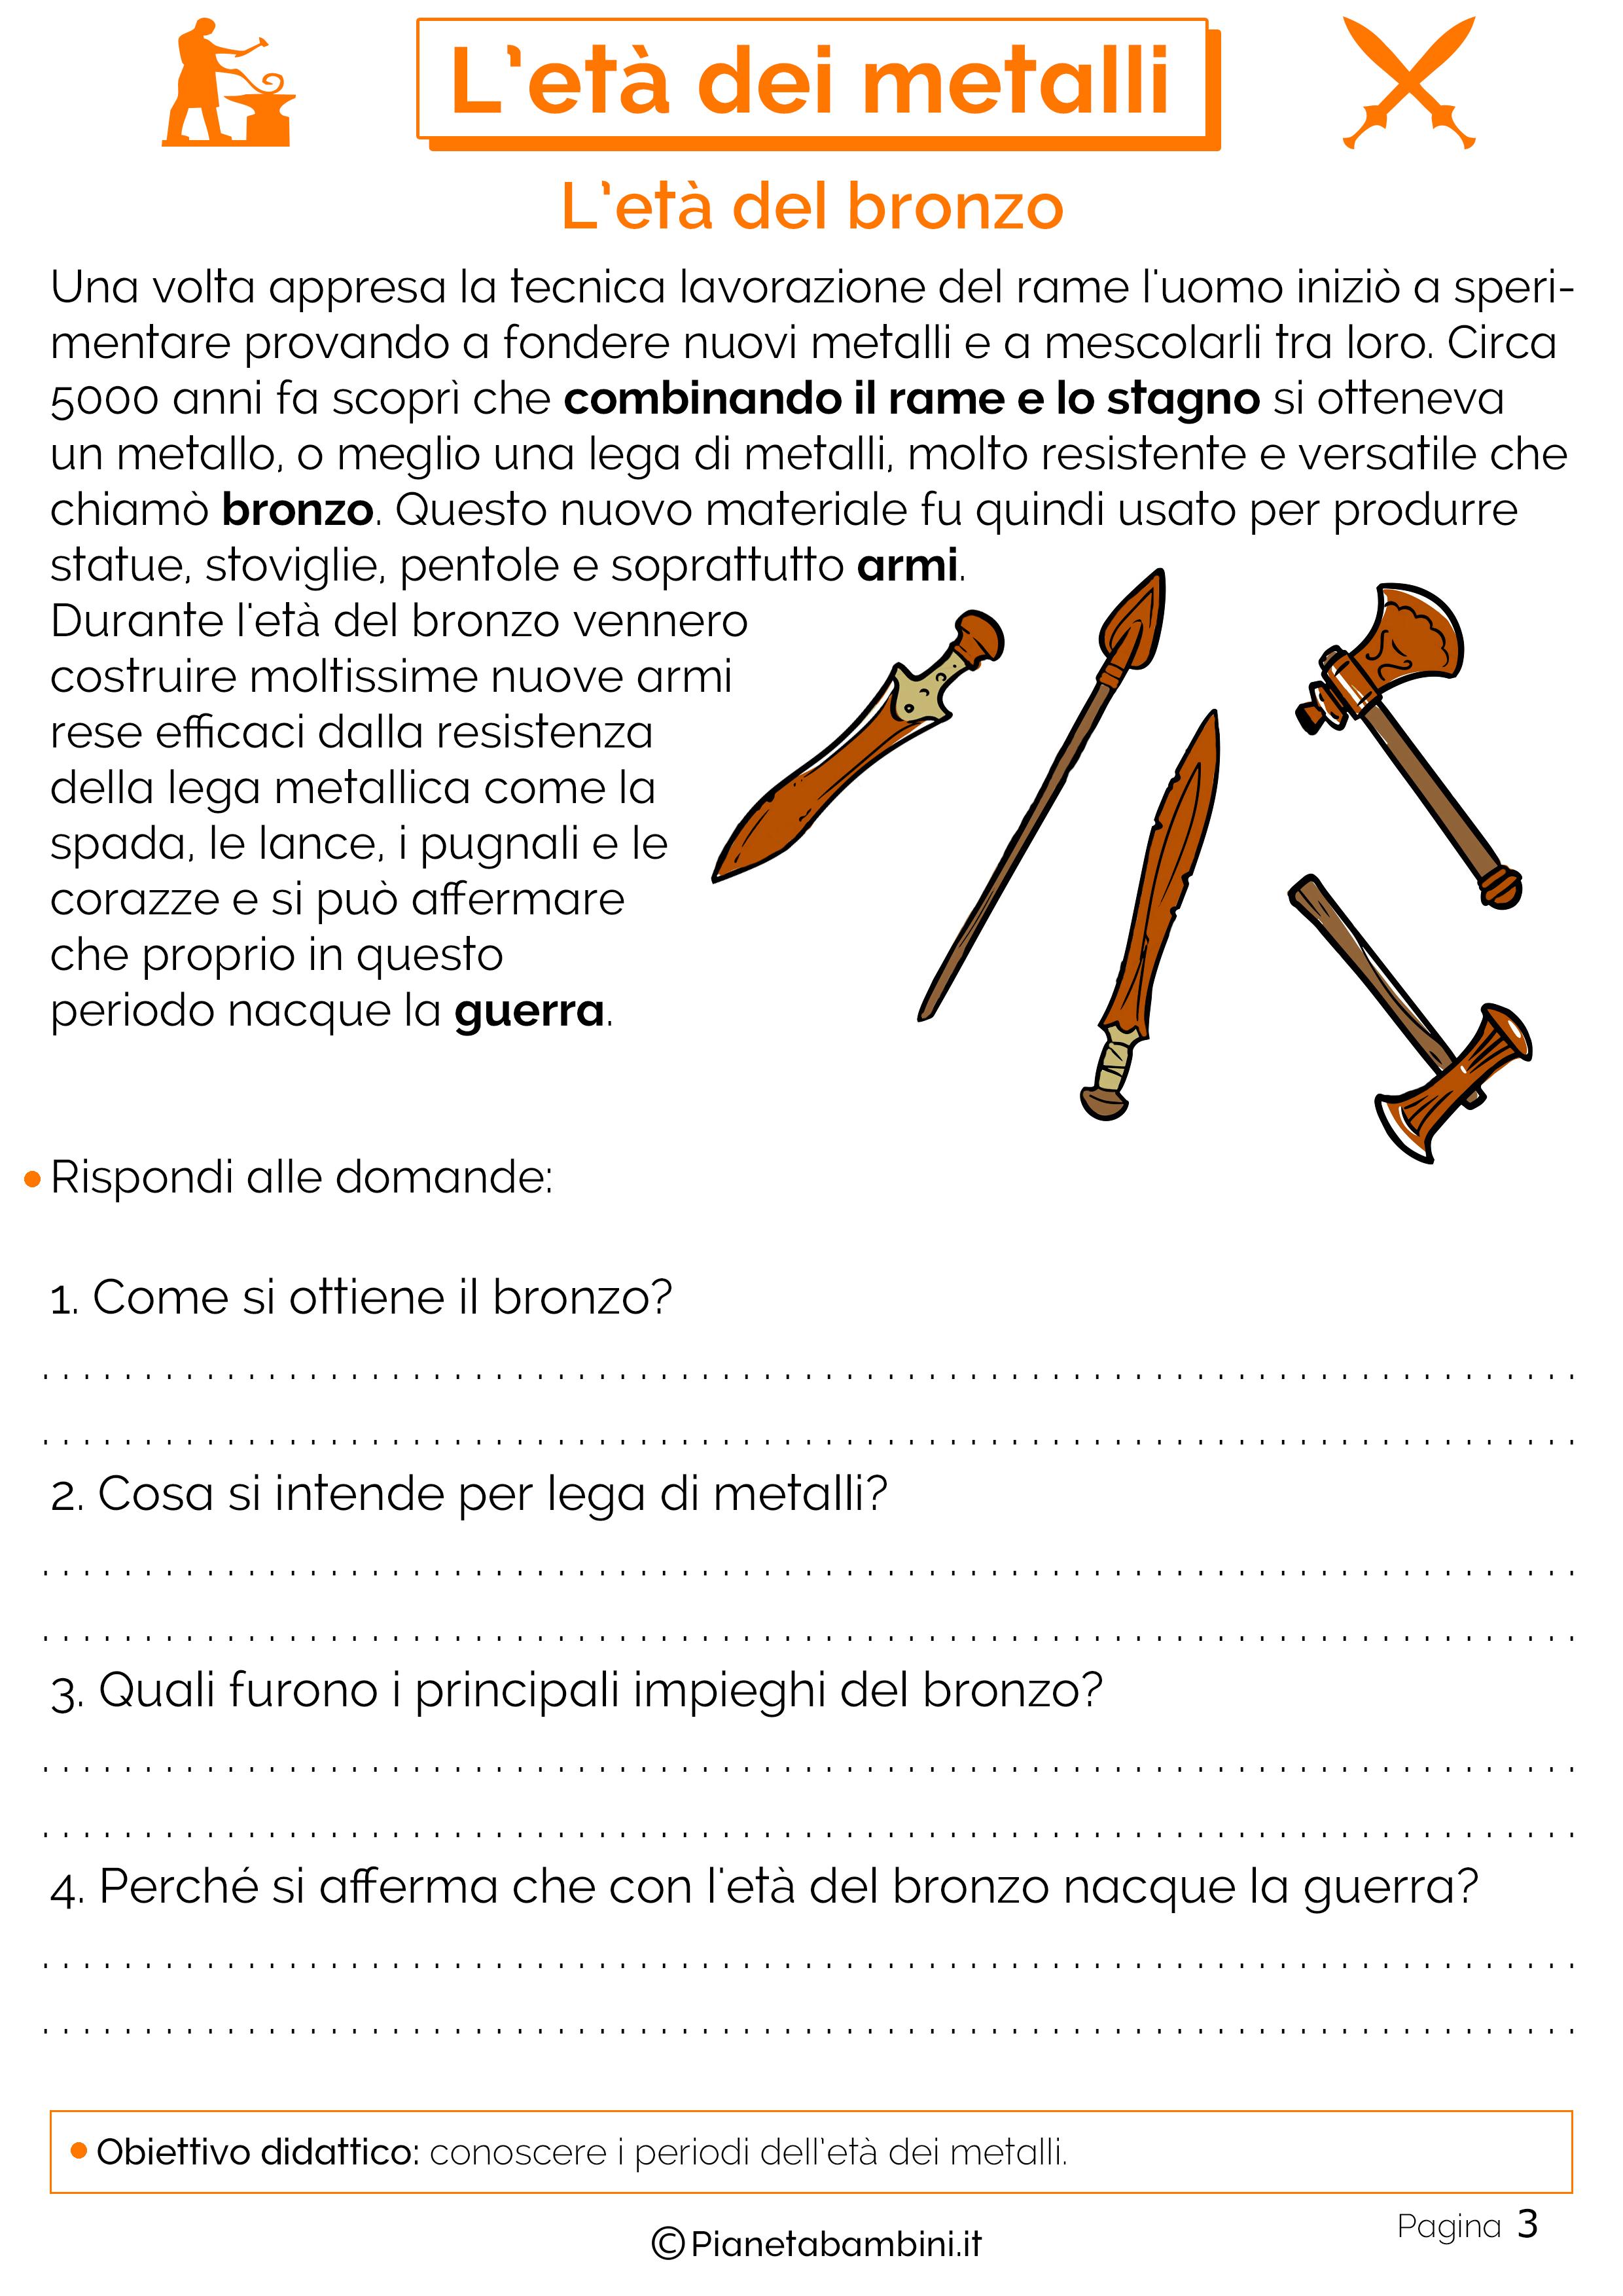 Schede didattiche sull'età dei metalli 03